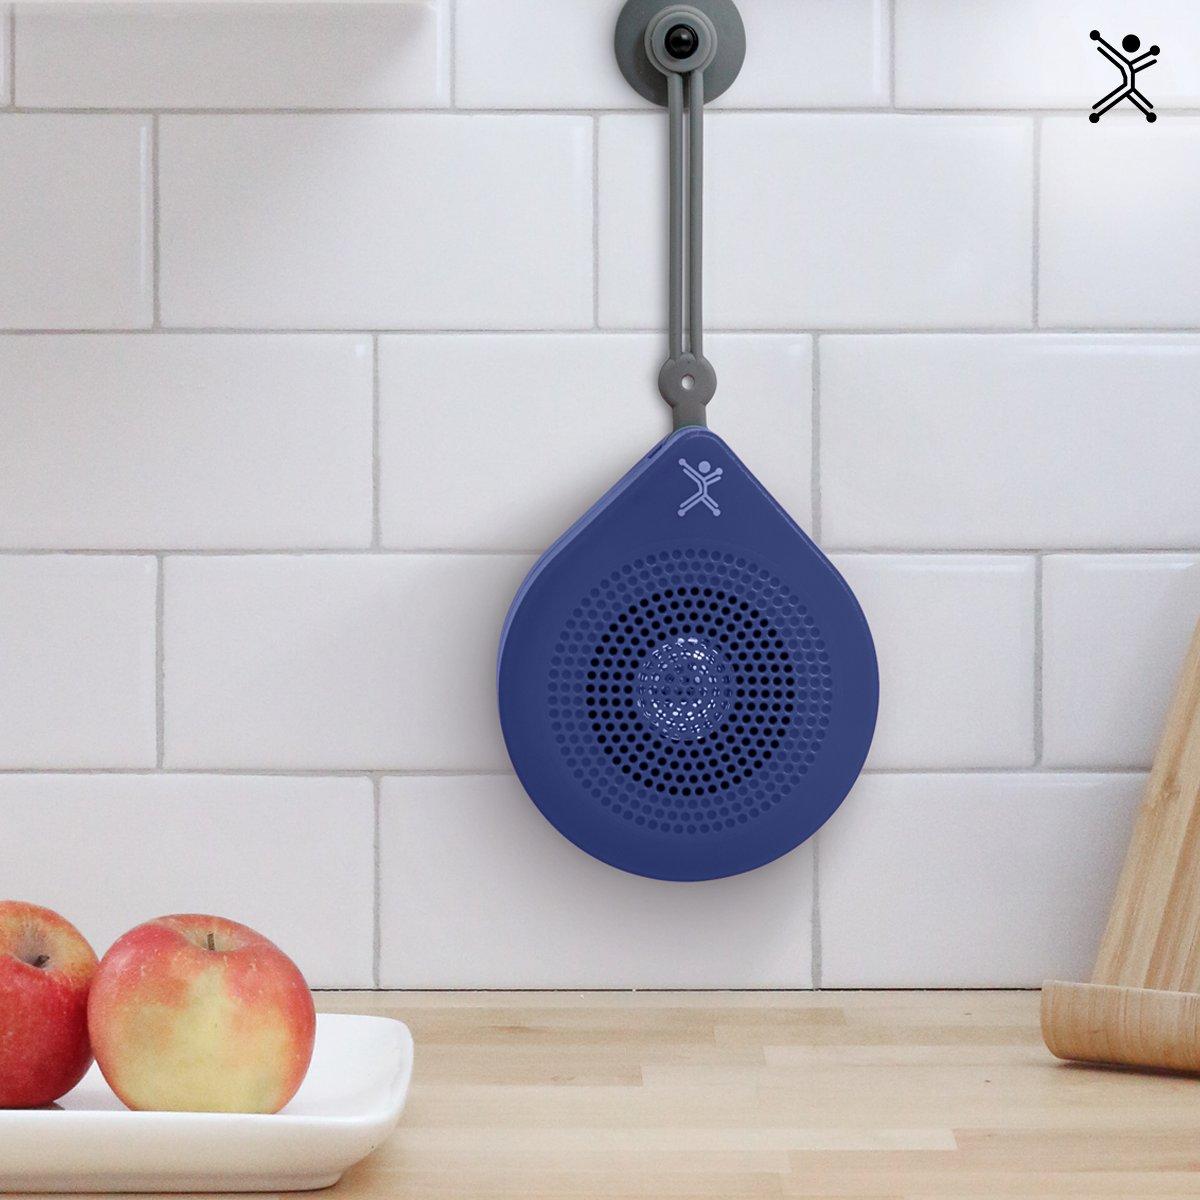 Drop cuenta con micrófono integrado para utilizarla como manos libres, además incluye una correa con ventosa para que las instales en la pared, cristal o espejo.  De venta en: https://t.co/e5gms9oD3Z #audio #speaker #music https://t.co/y0ndUfu367